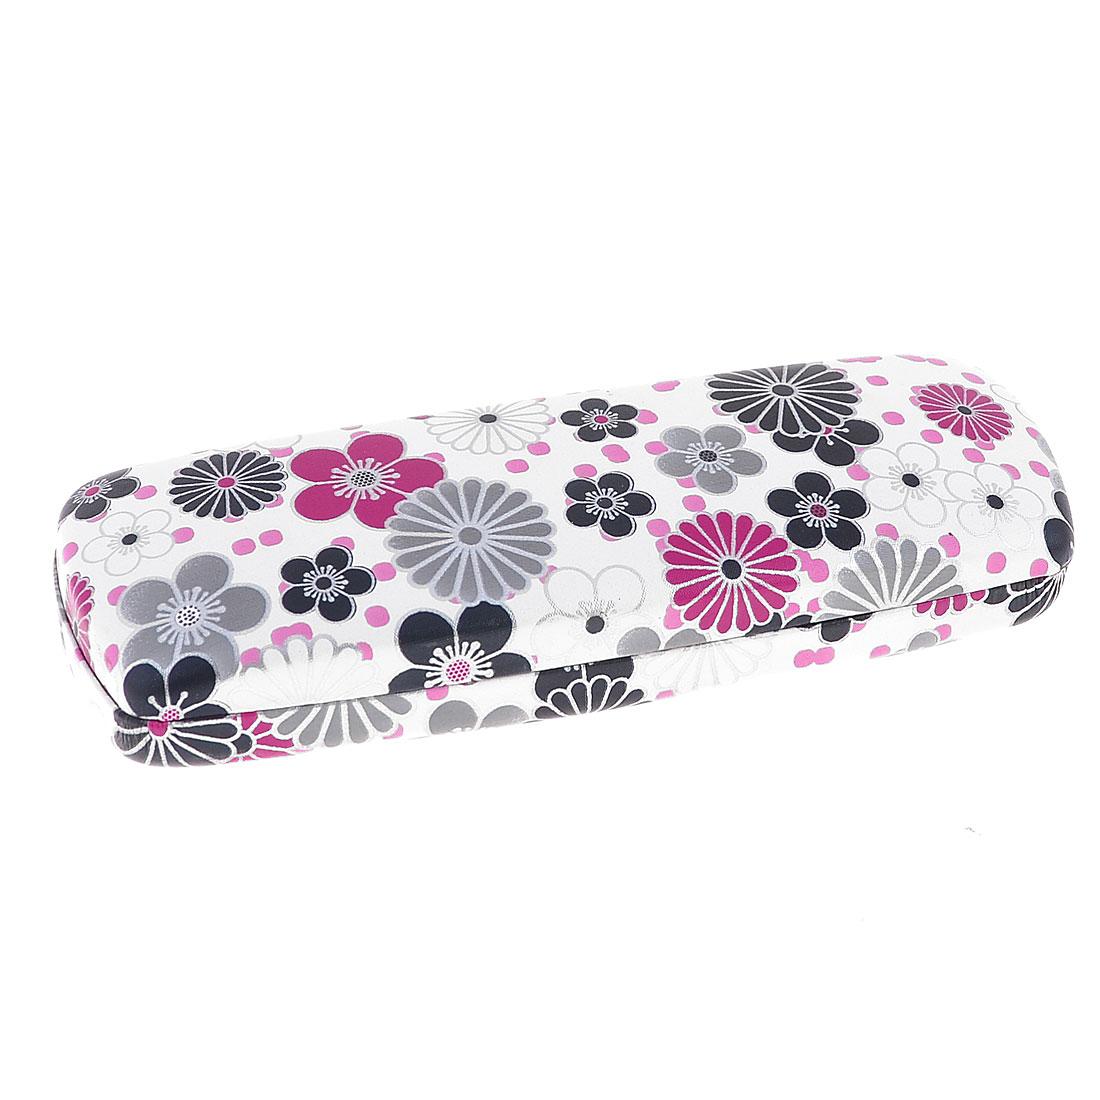 Black Gray Flowers Pattern Rectangle Shape White Case Box Holder for Eyeglasses